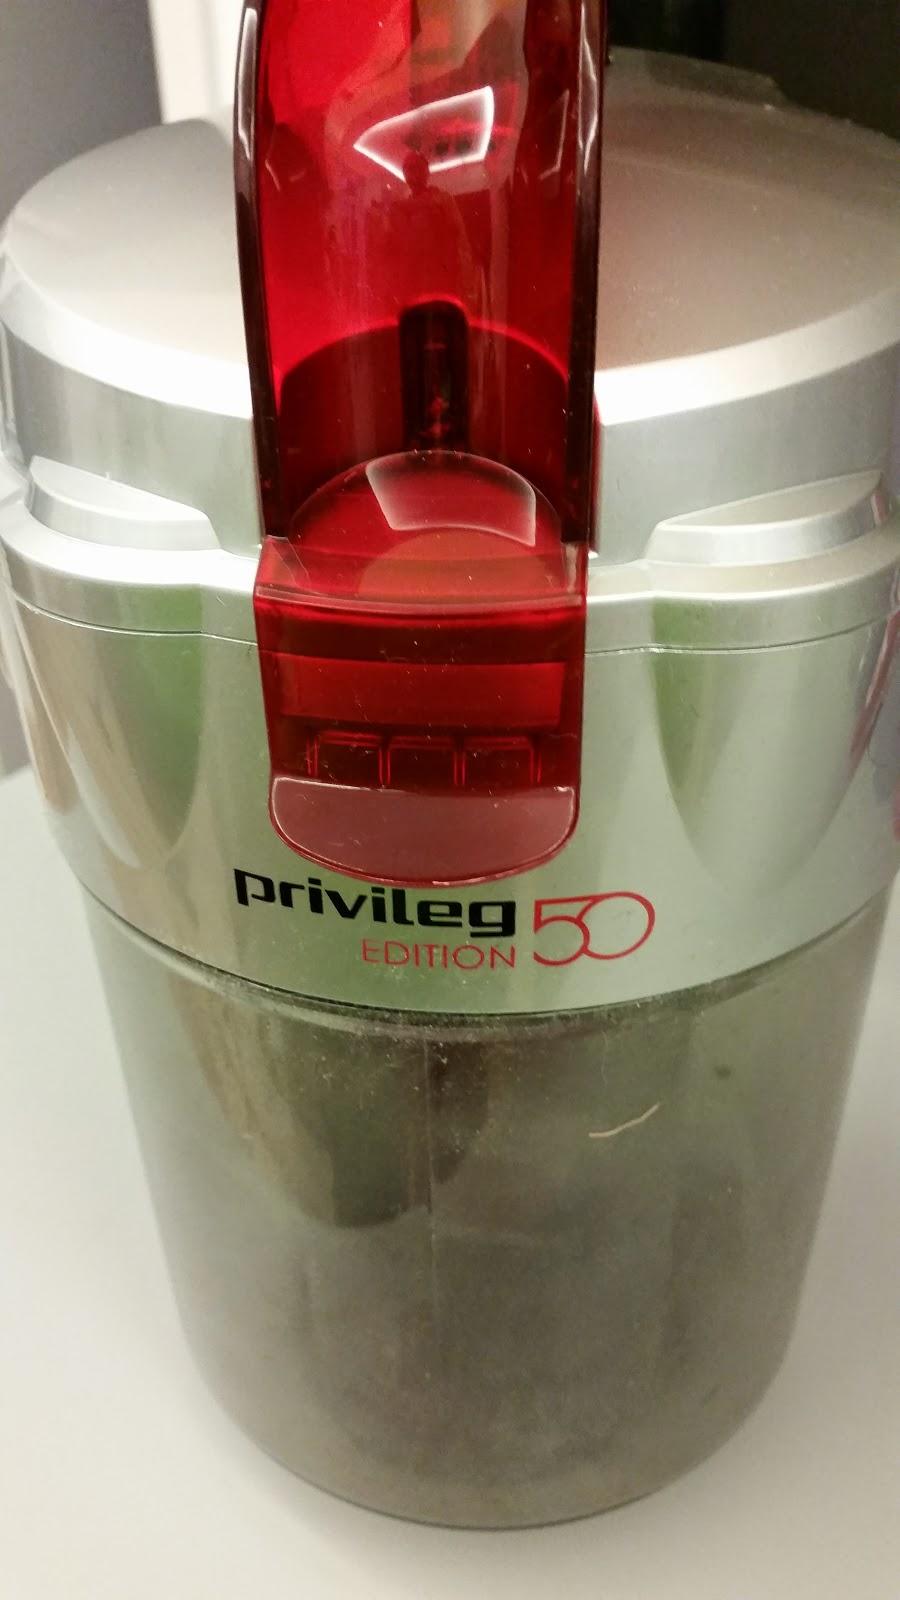 Der Privileg Staubsauger Edition 50, 2,2 Liter im Test ...